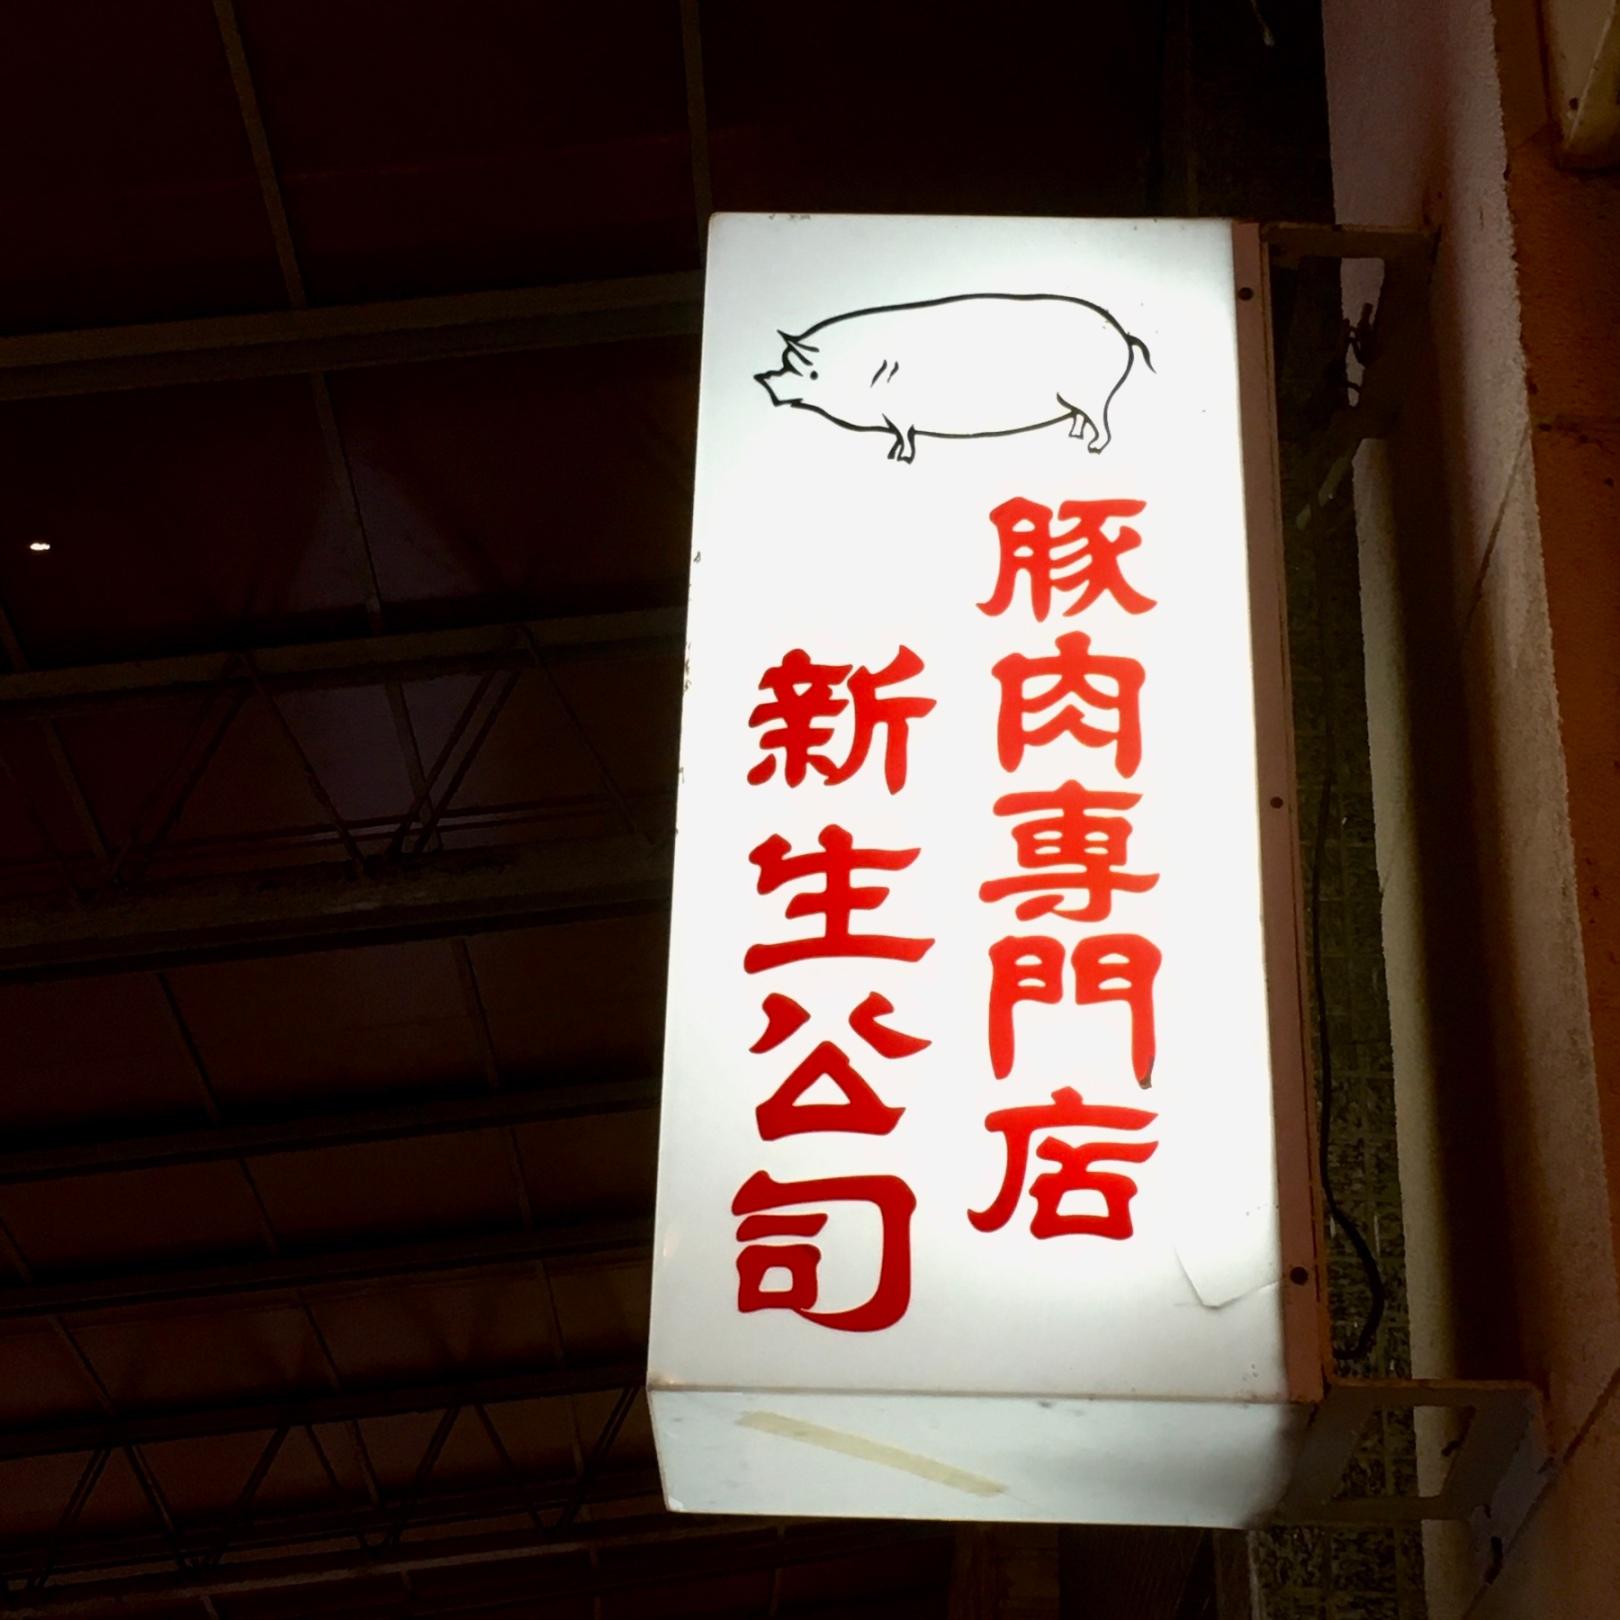 神戸元町にある豚肉専門店新生公司の看板